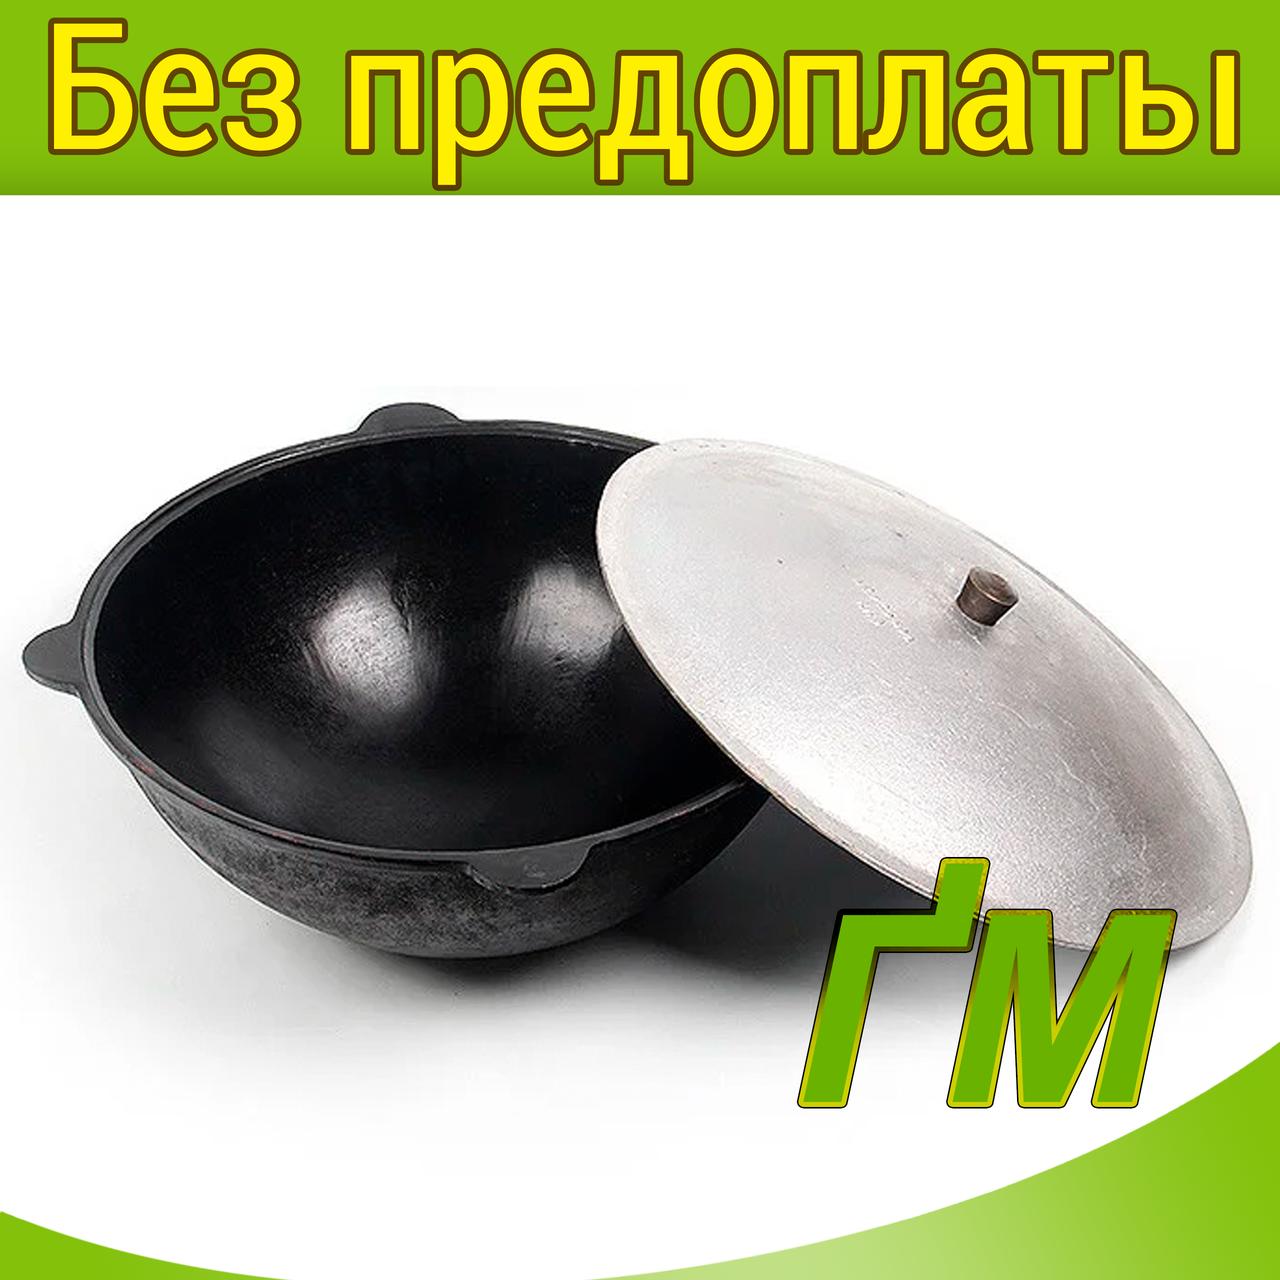 Казан чугунный узбекский наманганский на 16 л.